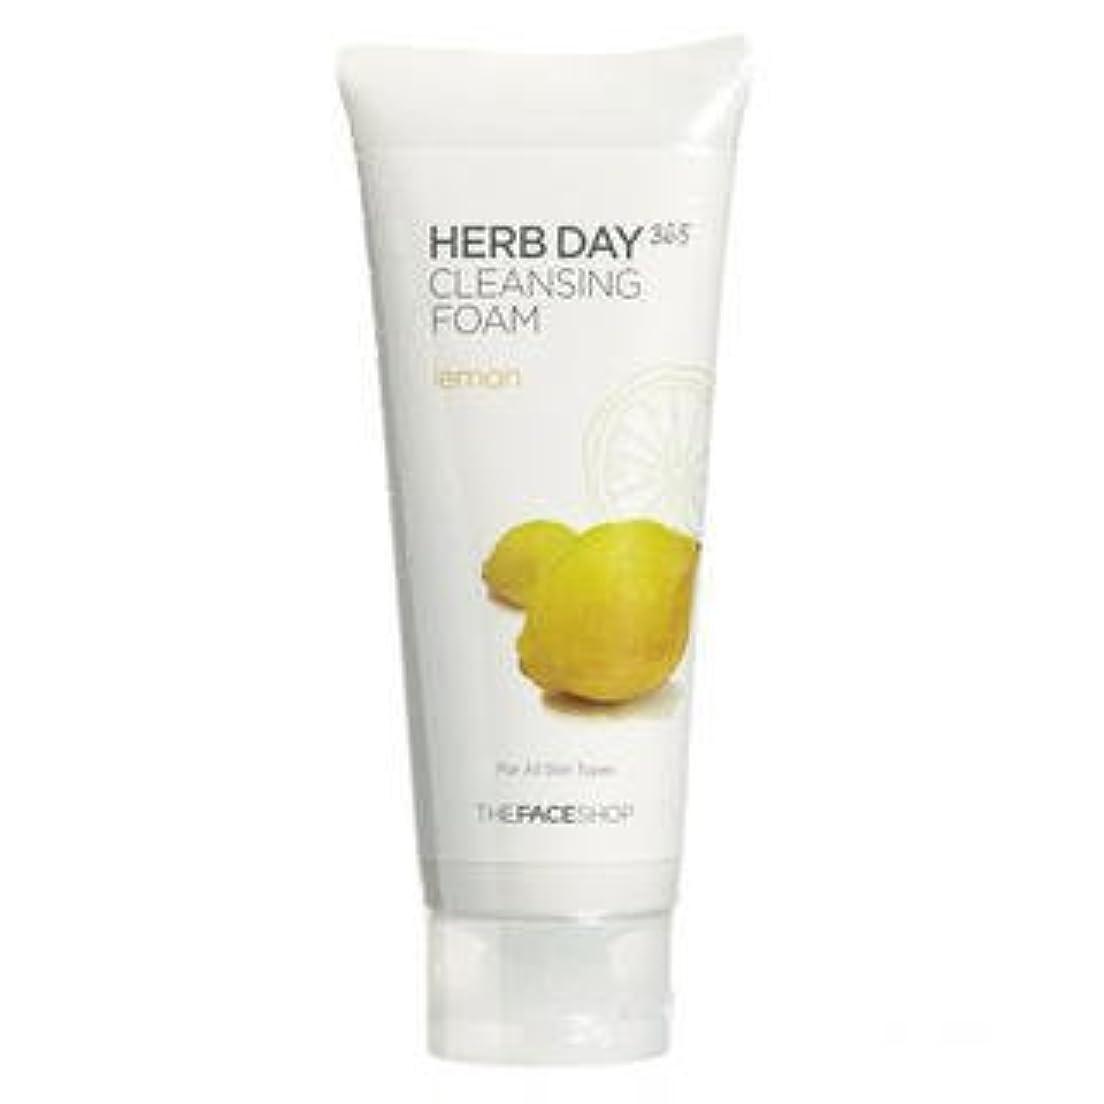 パトロールぼかすファンブルThe Face Shop - Herb Day Cleansing Cleansing Foam (Lemon)170ml /Made in Korea